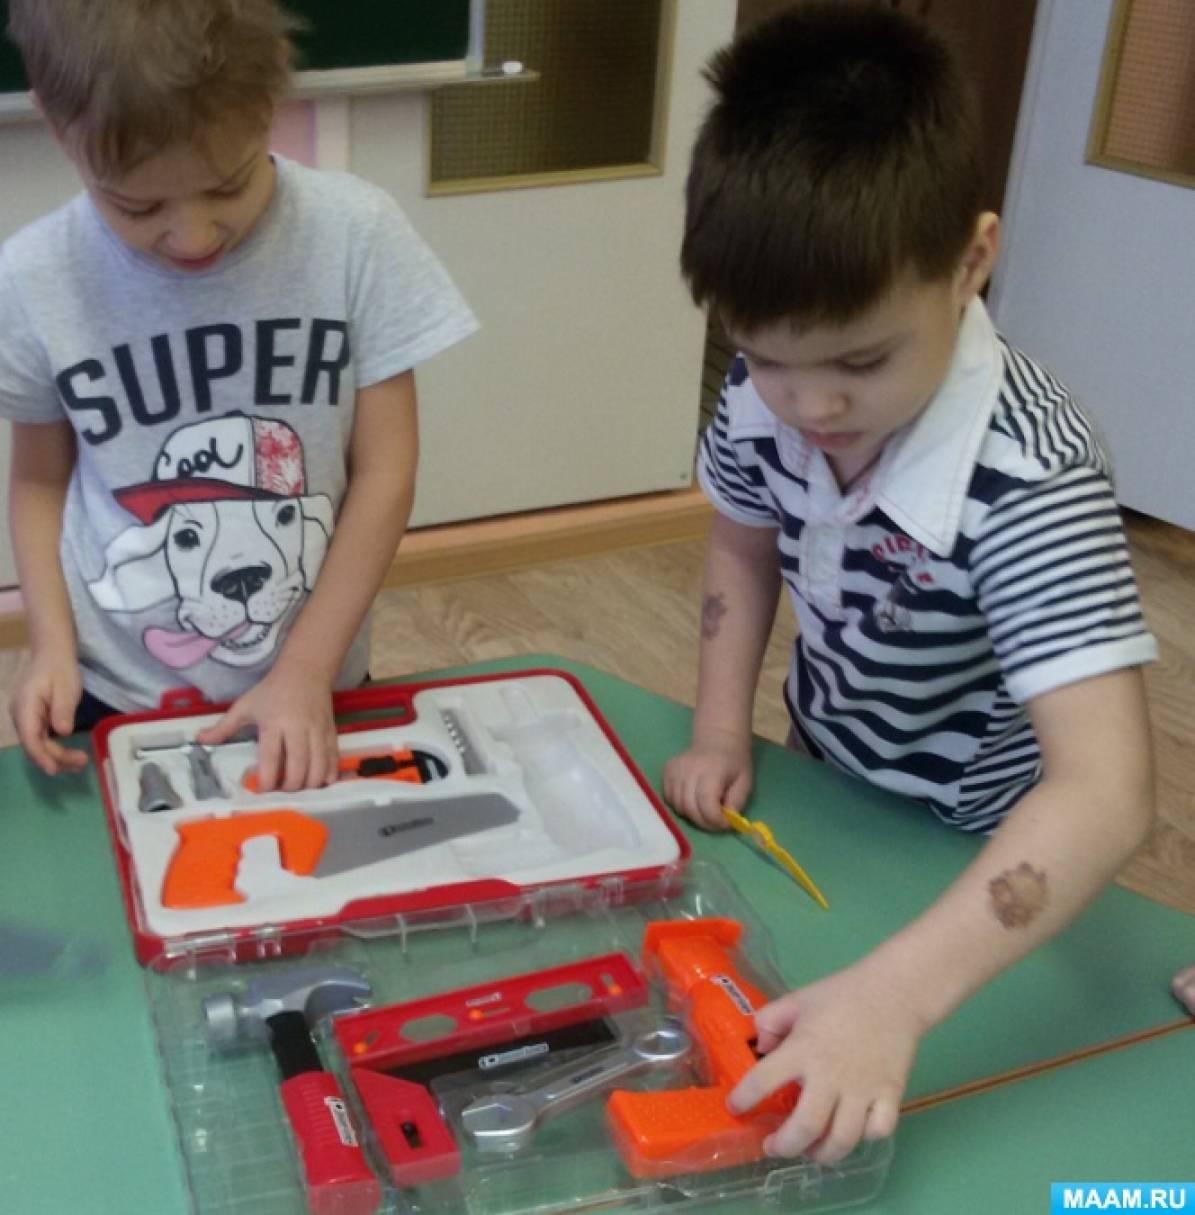 Методическая разработка по теме «Рабочие инструменты»